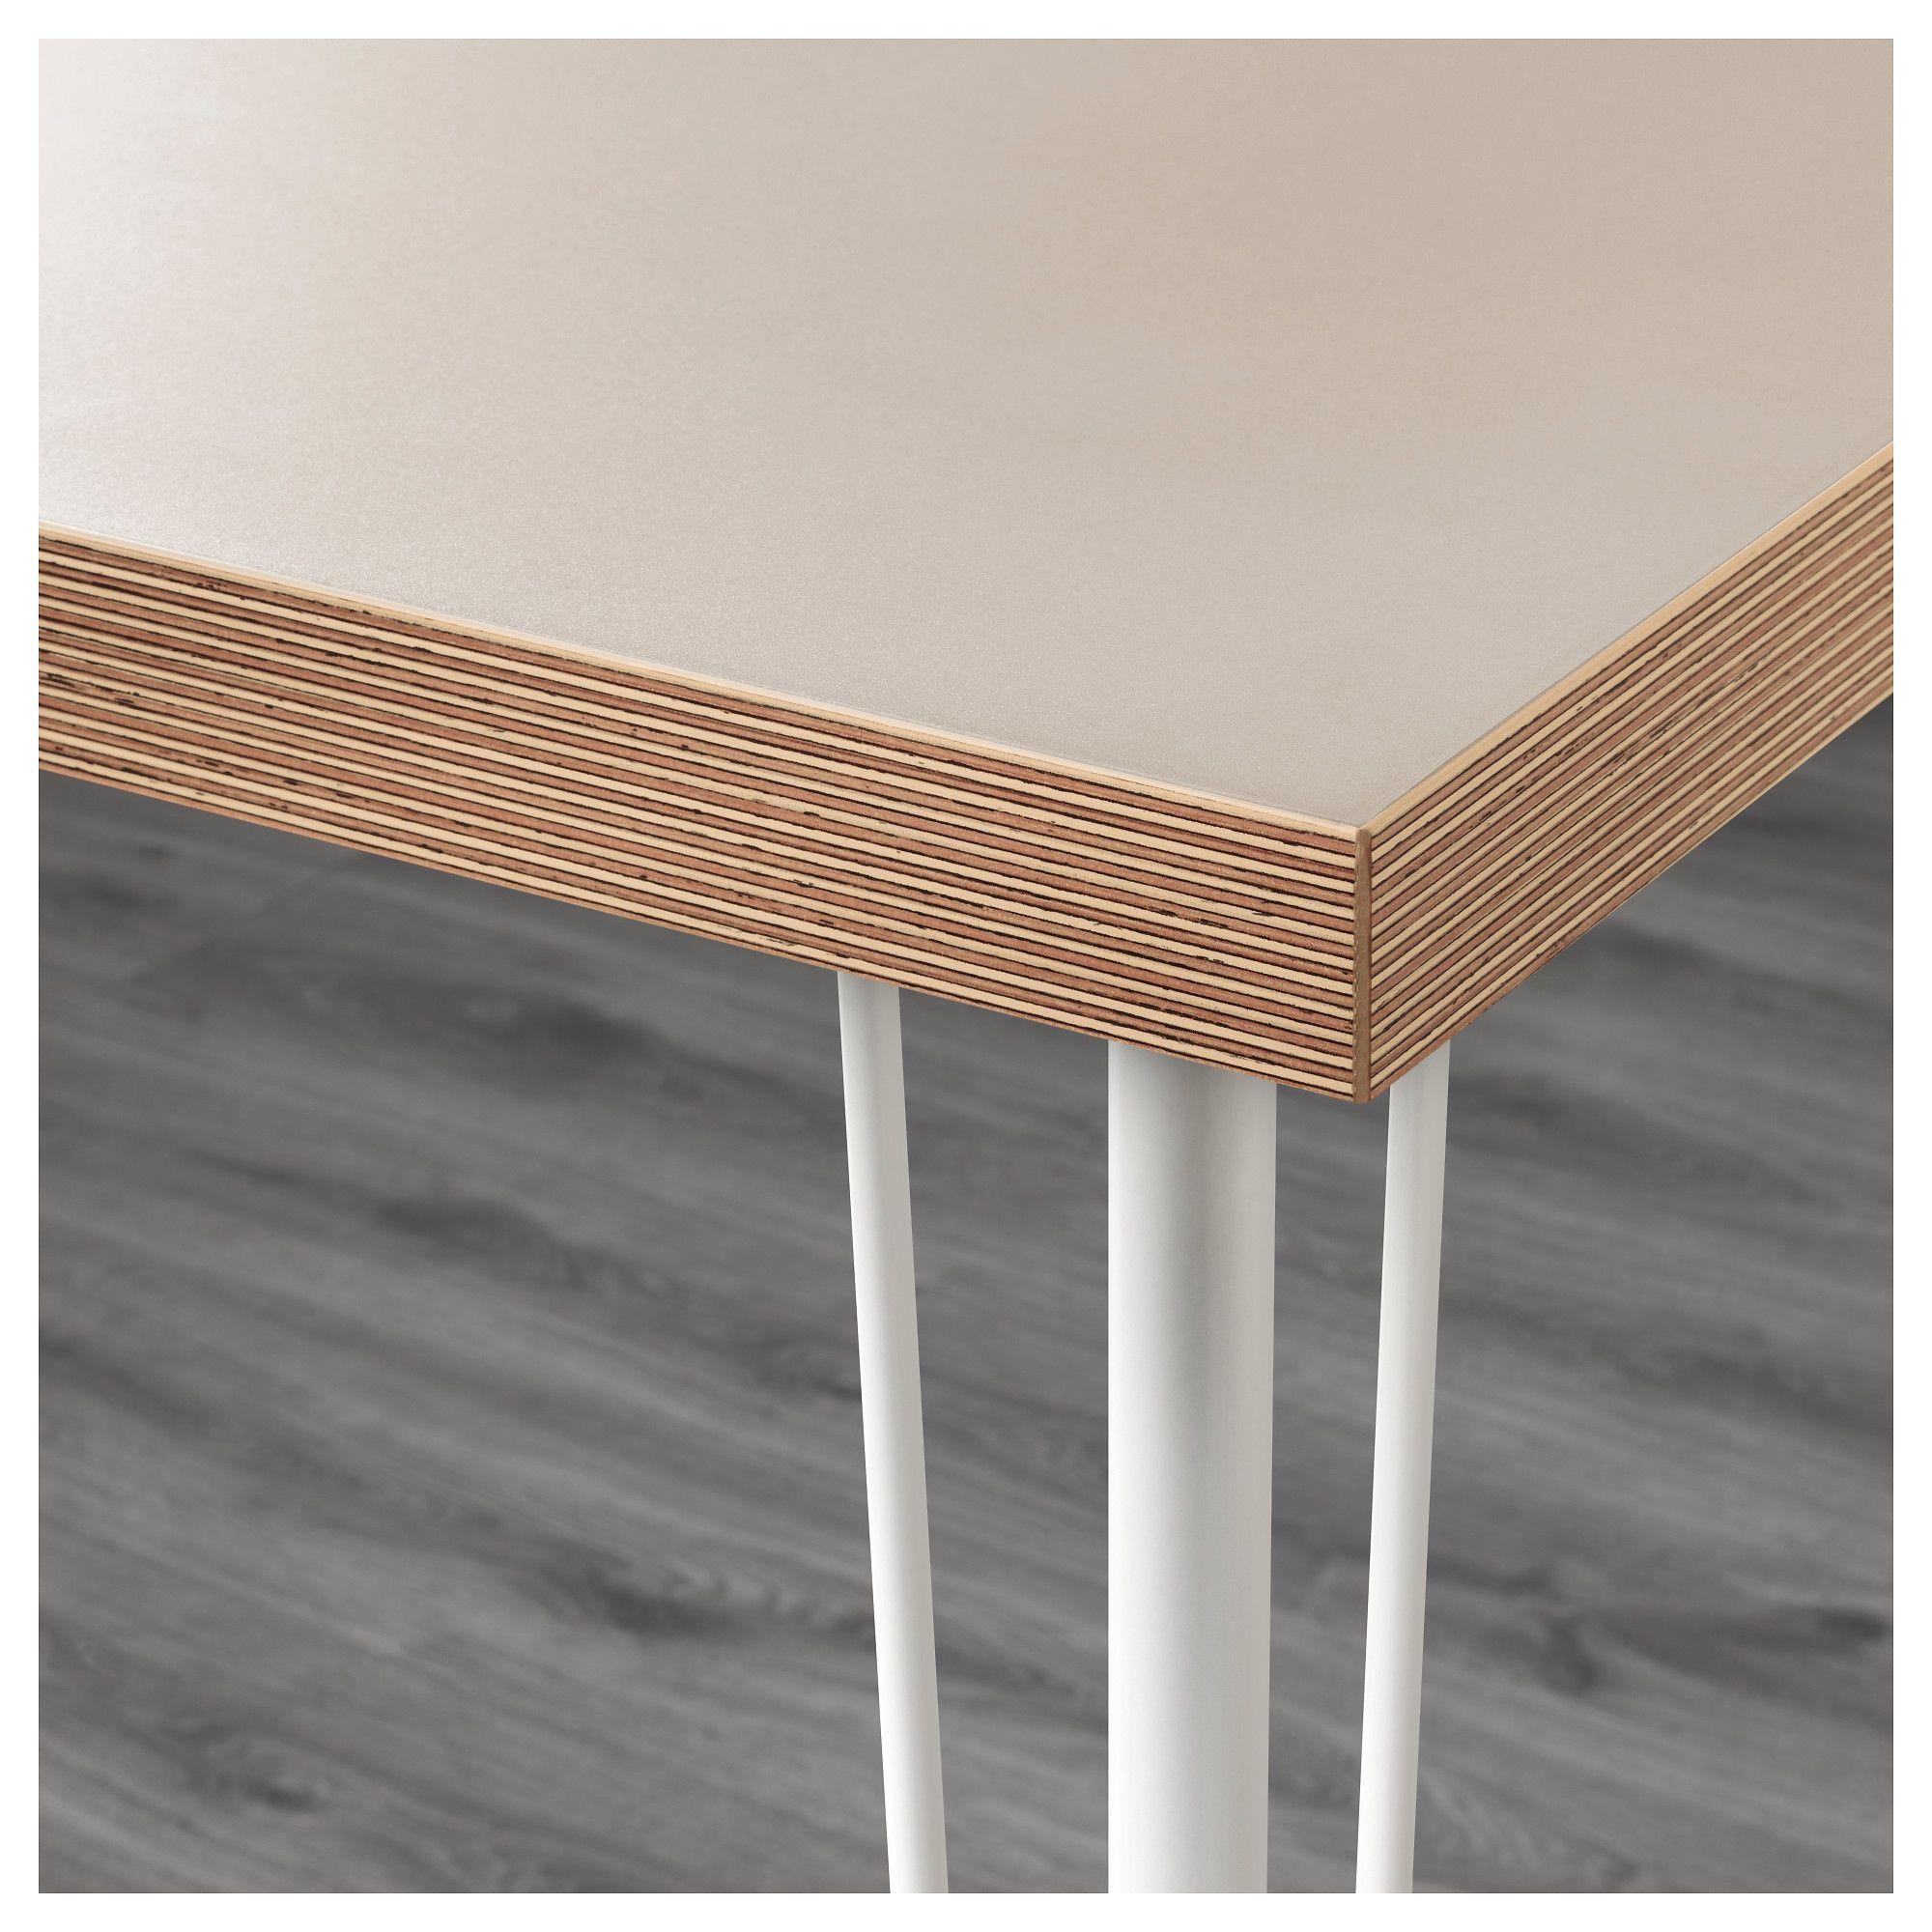 LINNMON KRILLE Table Beige White